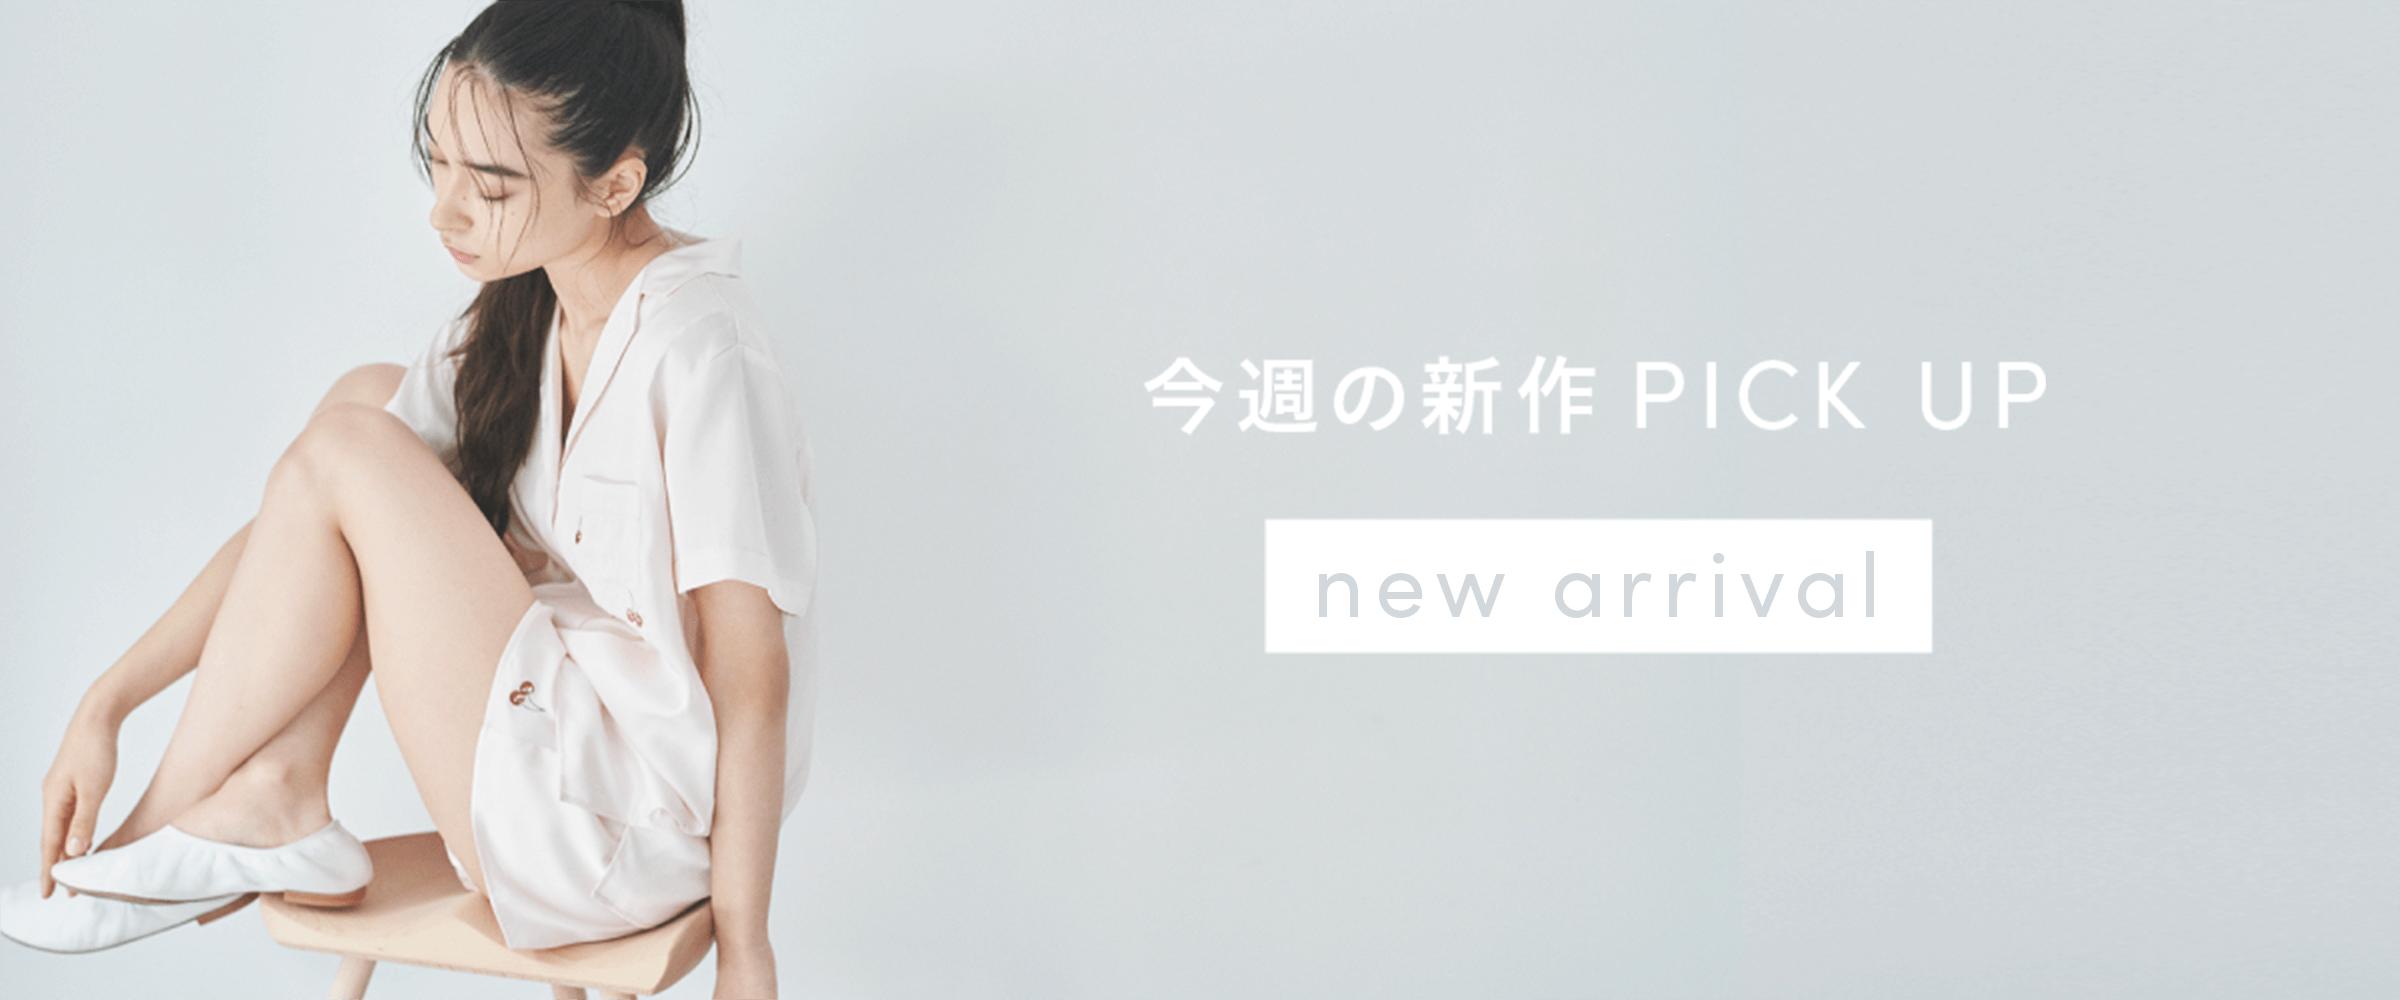 イニシャルロゴレーヨンTシャツ ¥4,000+tax イニシャルロゴレーヨンショートパンツ ¥4,200+tax